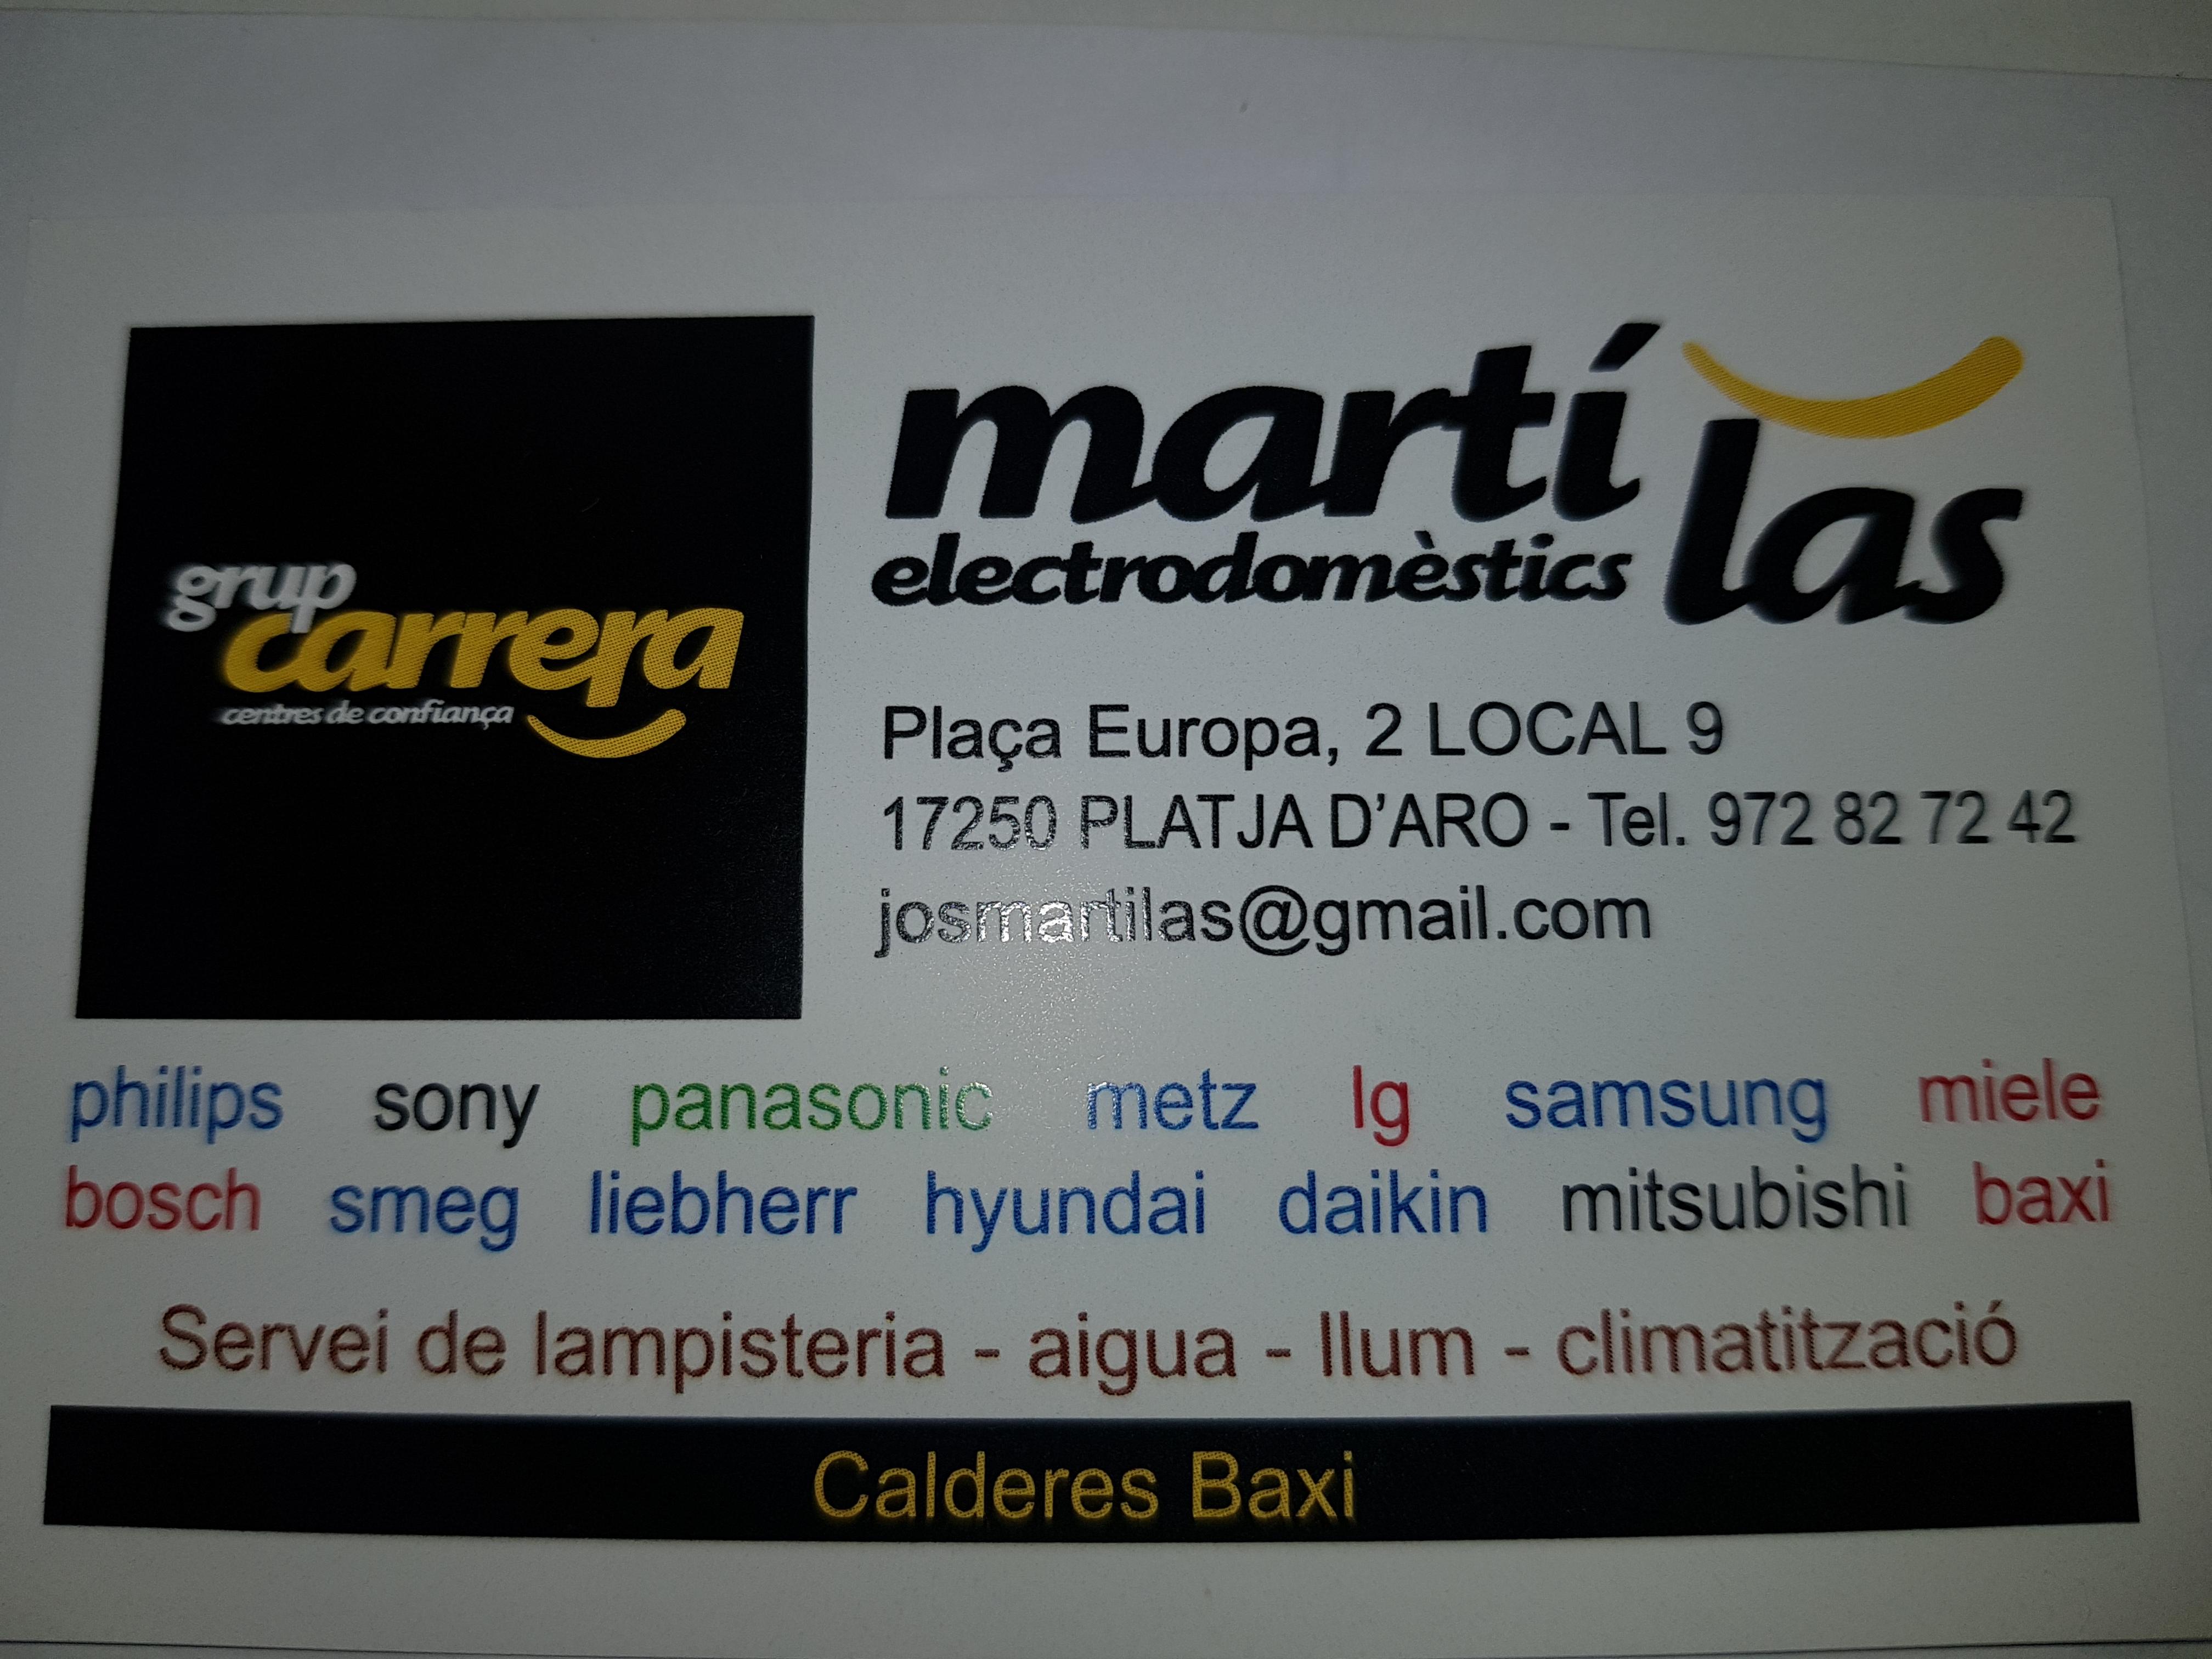 Logo comerç Martí Las Electrodomèstics